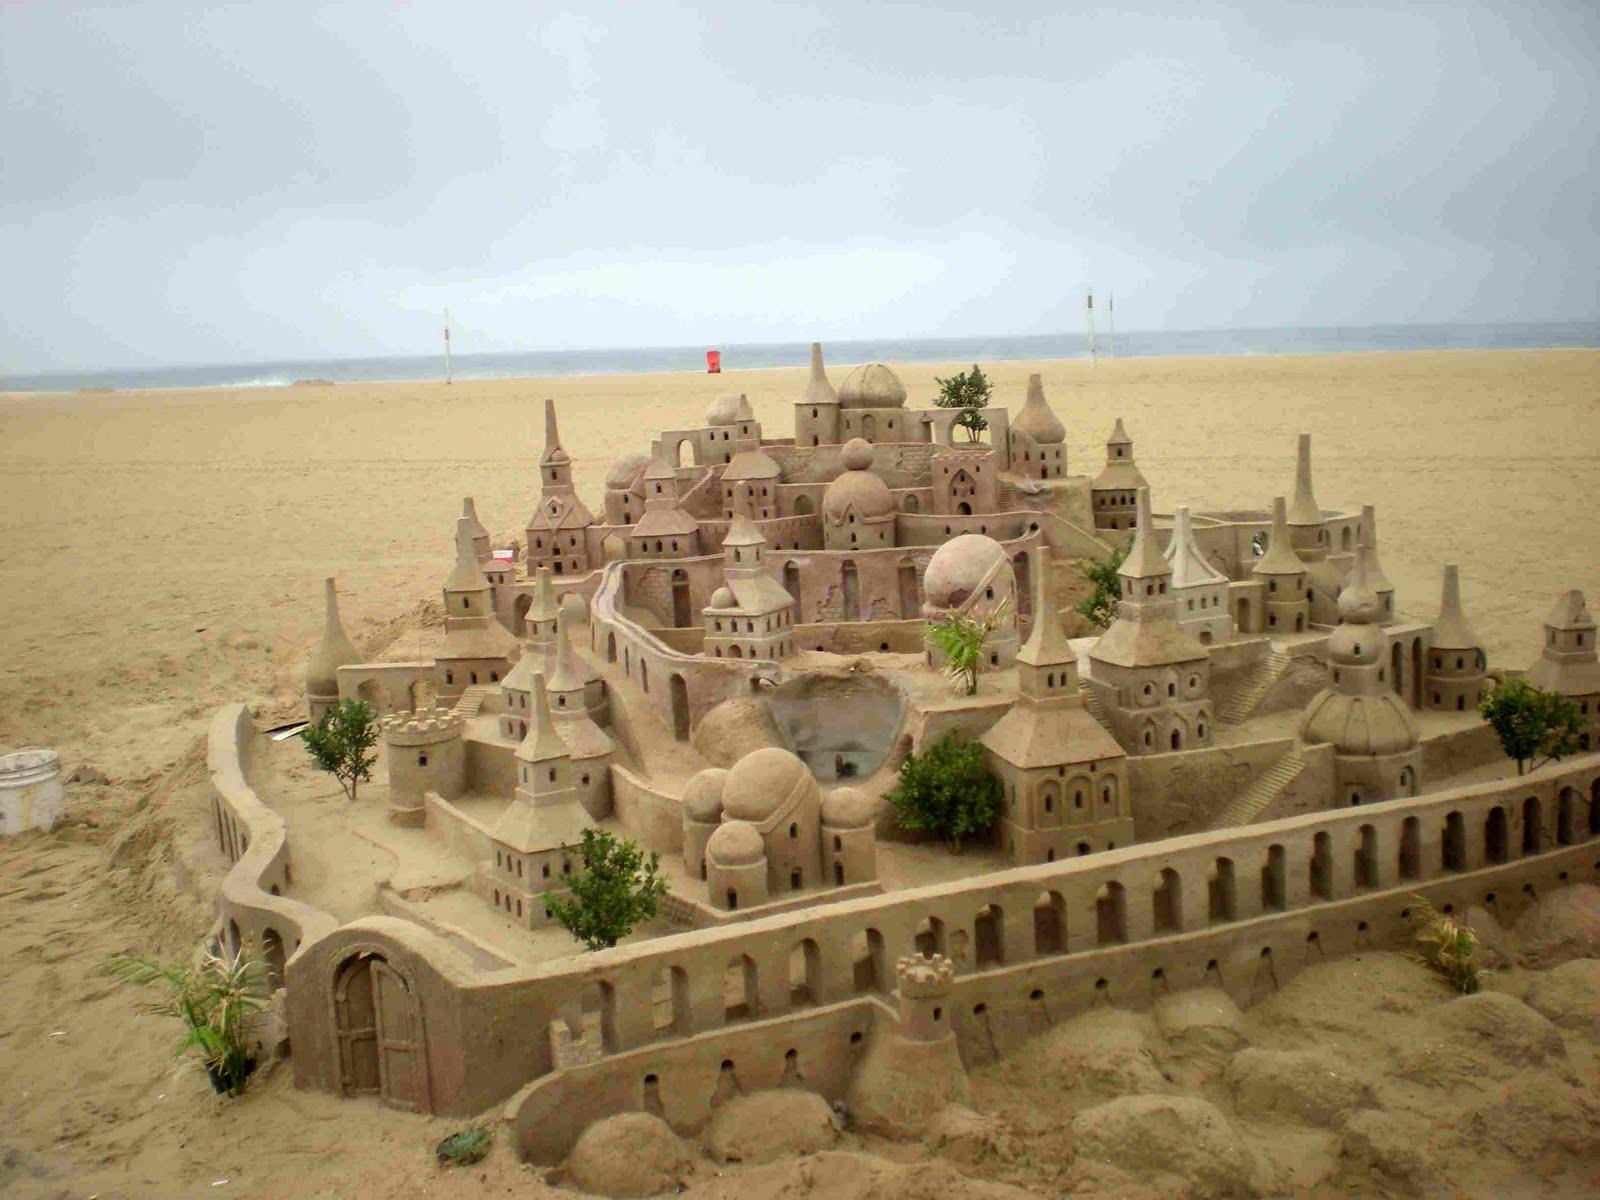 Amazing Sand Castles - Wonderful